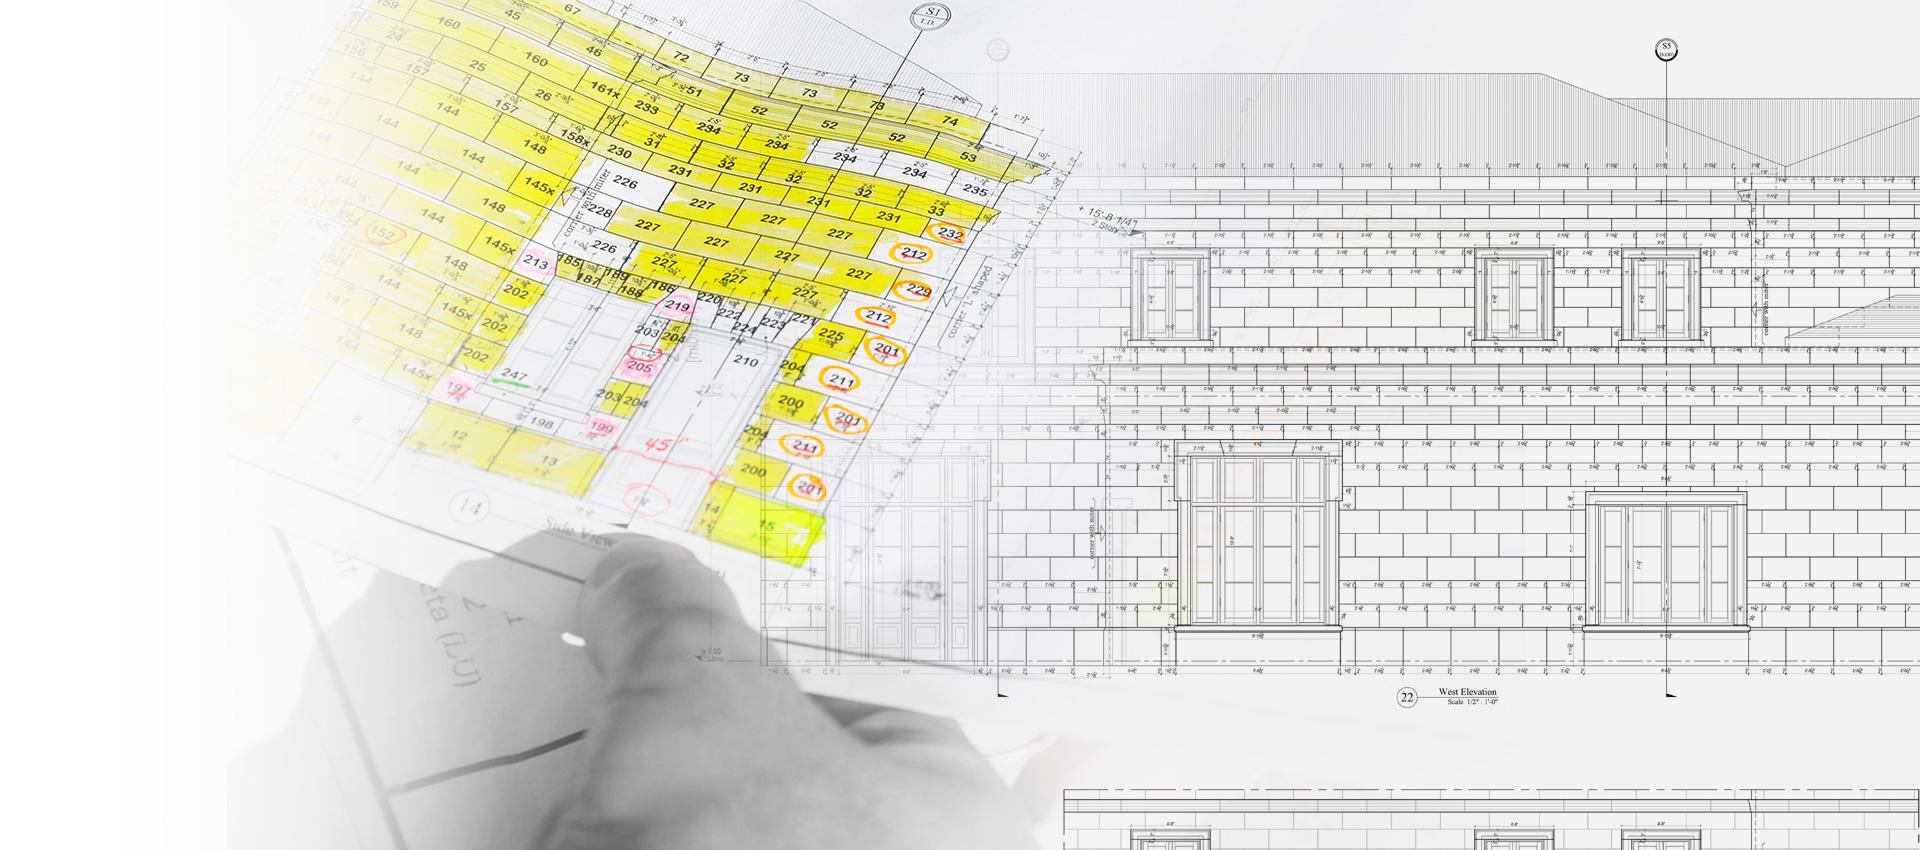 Slide - Casellari per mappatura facciate esterne case, ville, palazzi